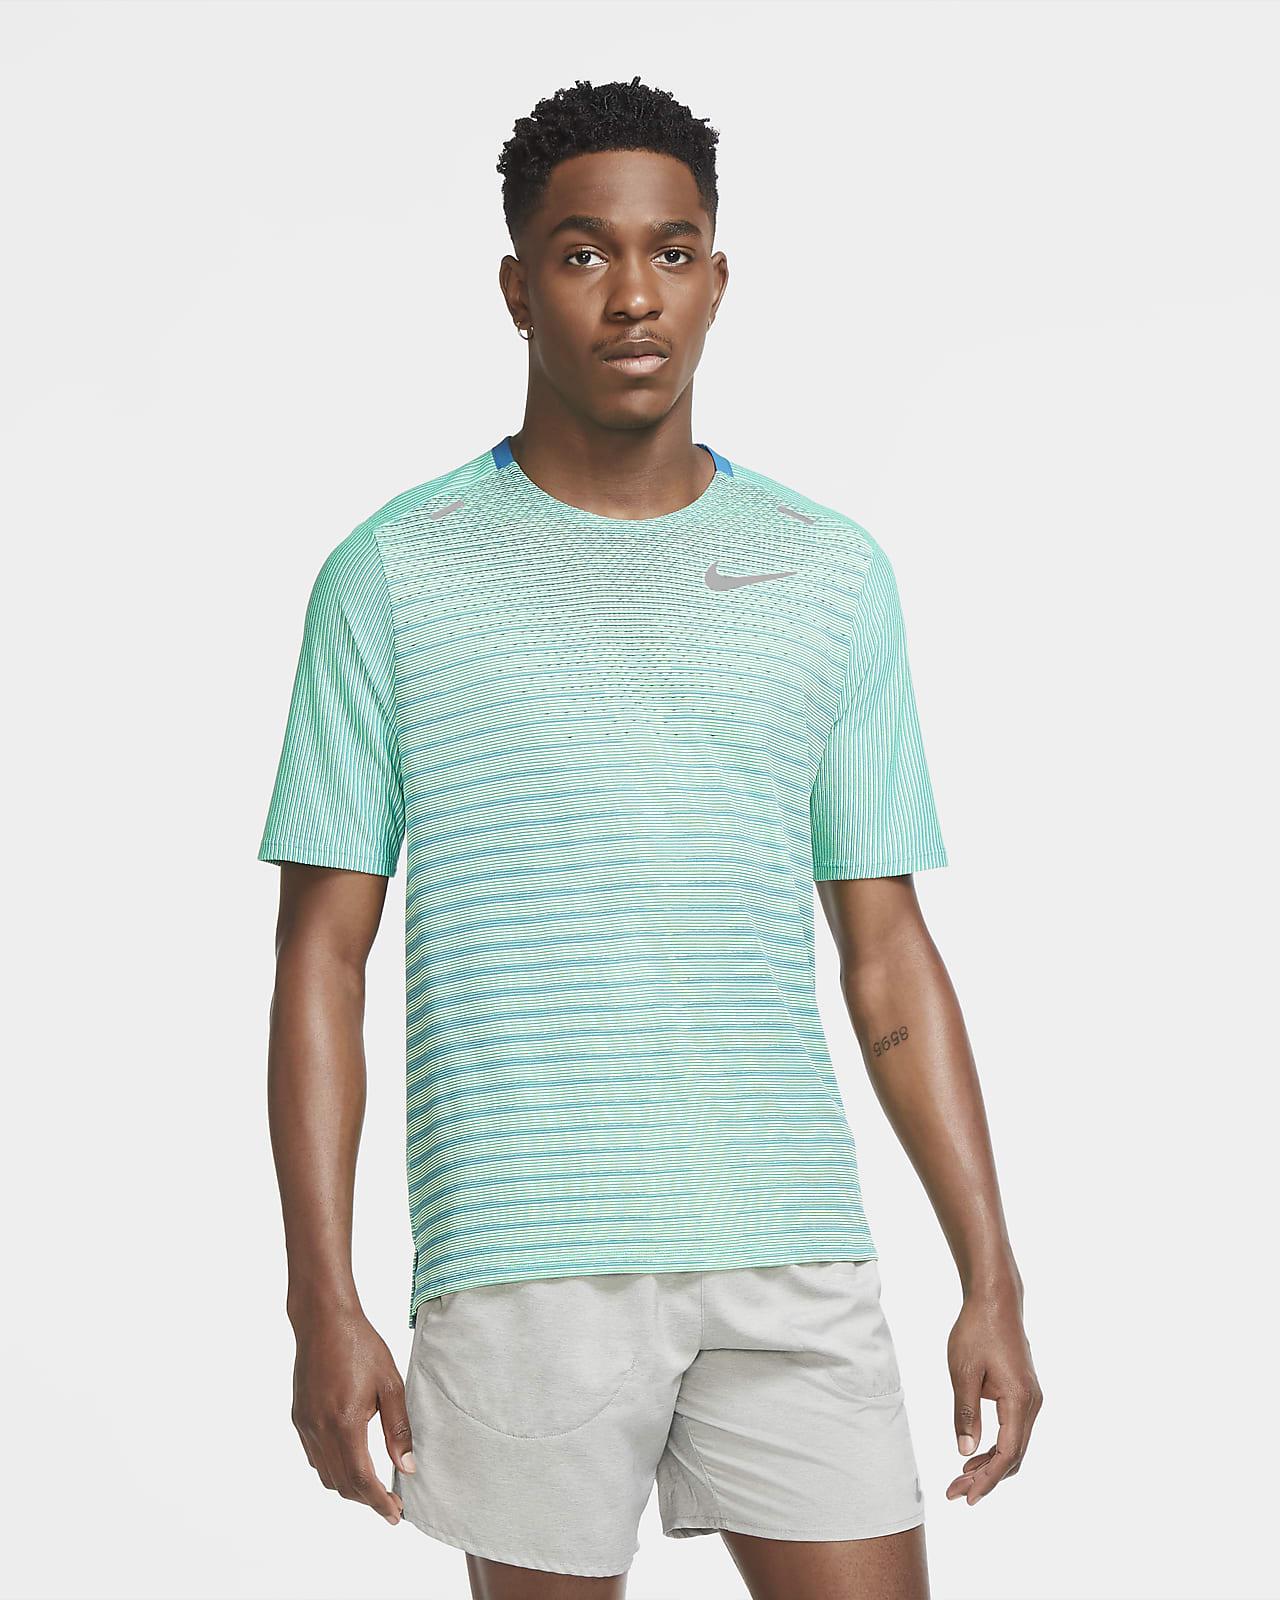 เสื้อวิ่งผู้ชาย Nike TechKnit Future Fast